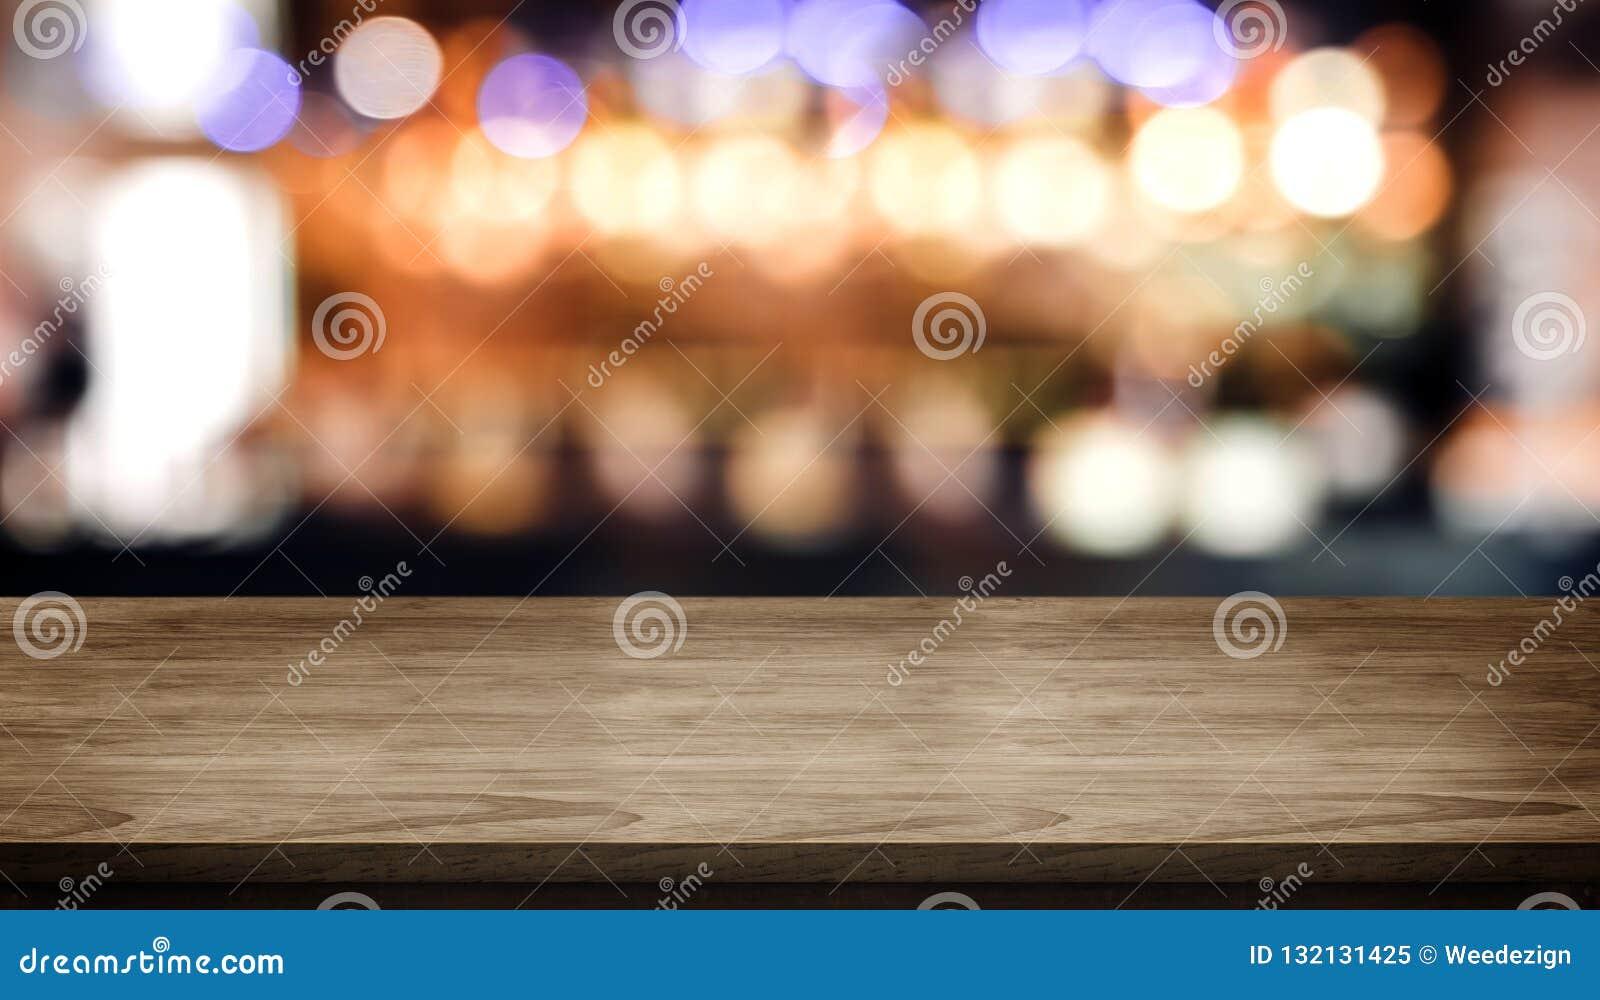 Dessus de table en bois avec le compteur de barre de boîte de nuit de tache floue avec la lumière de bokeh